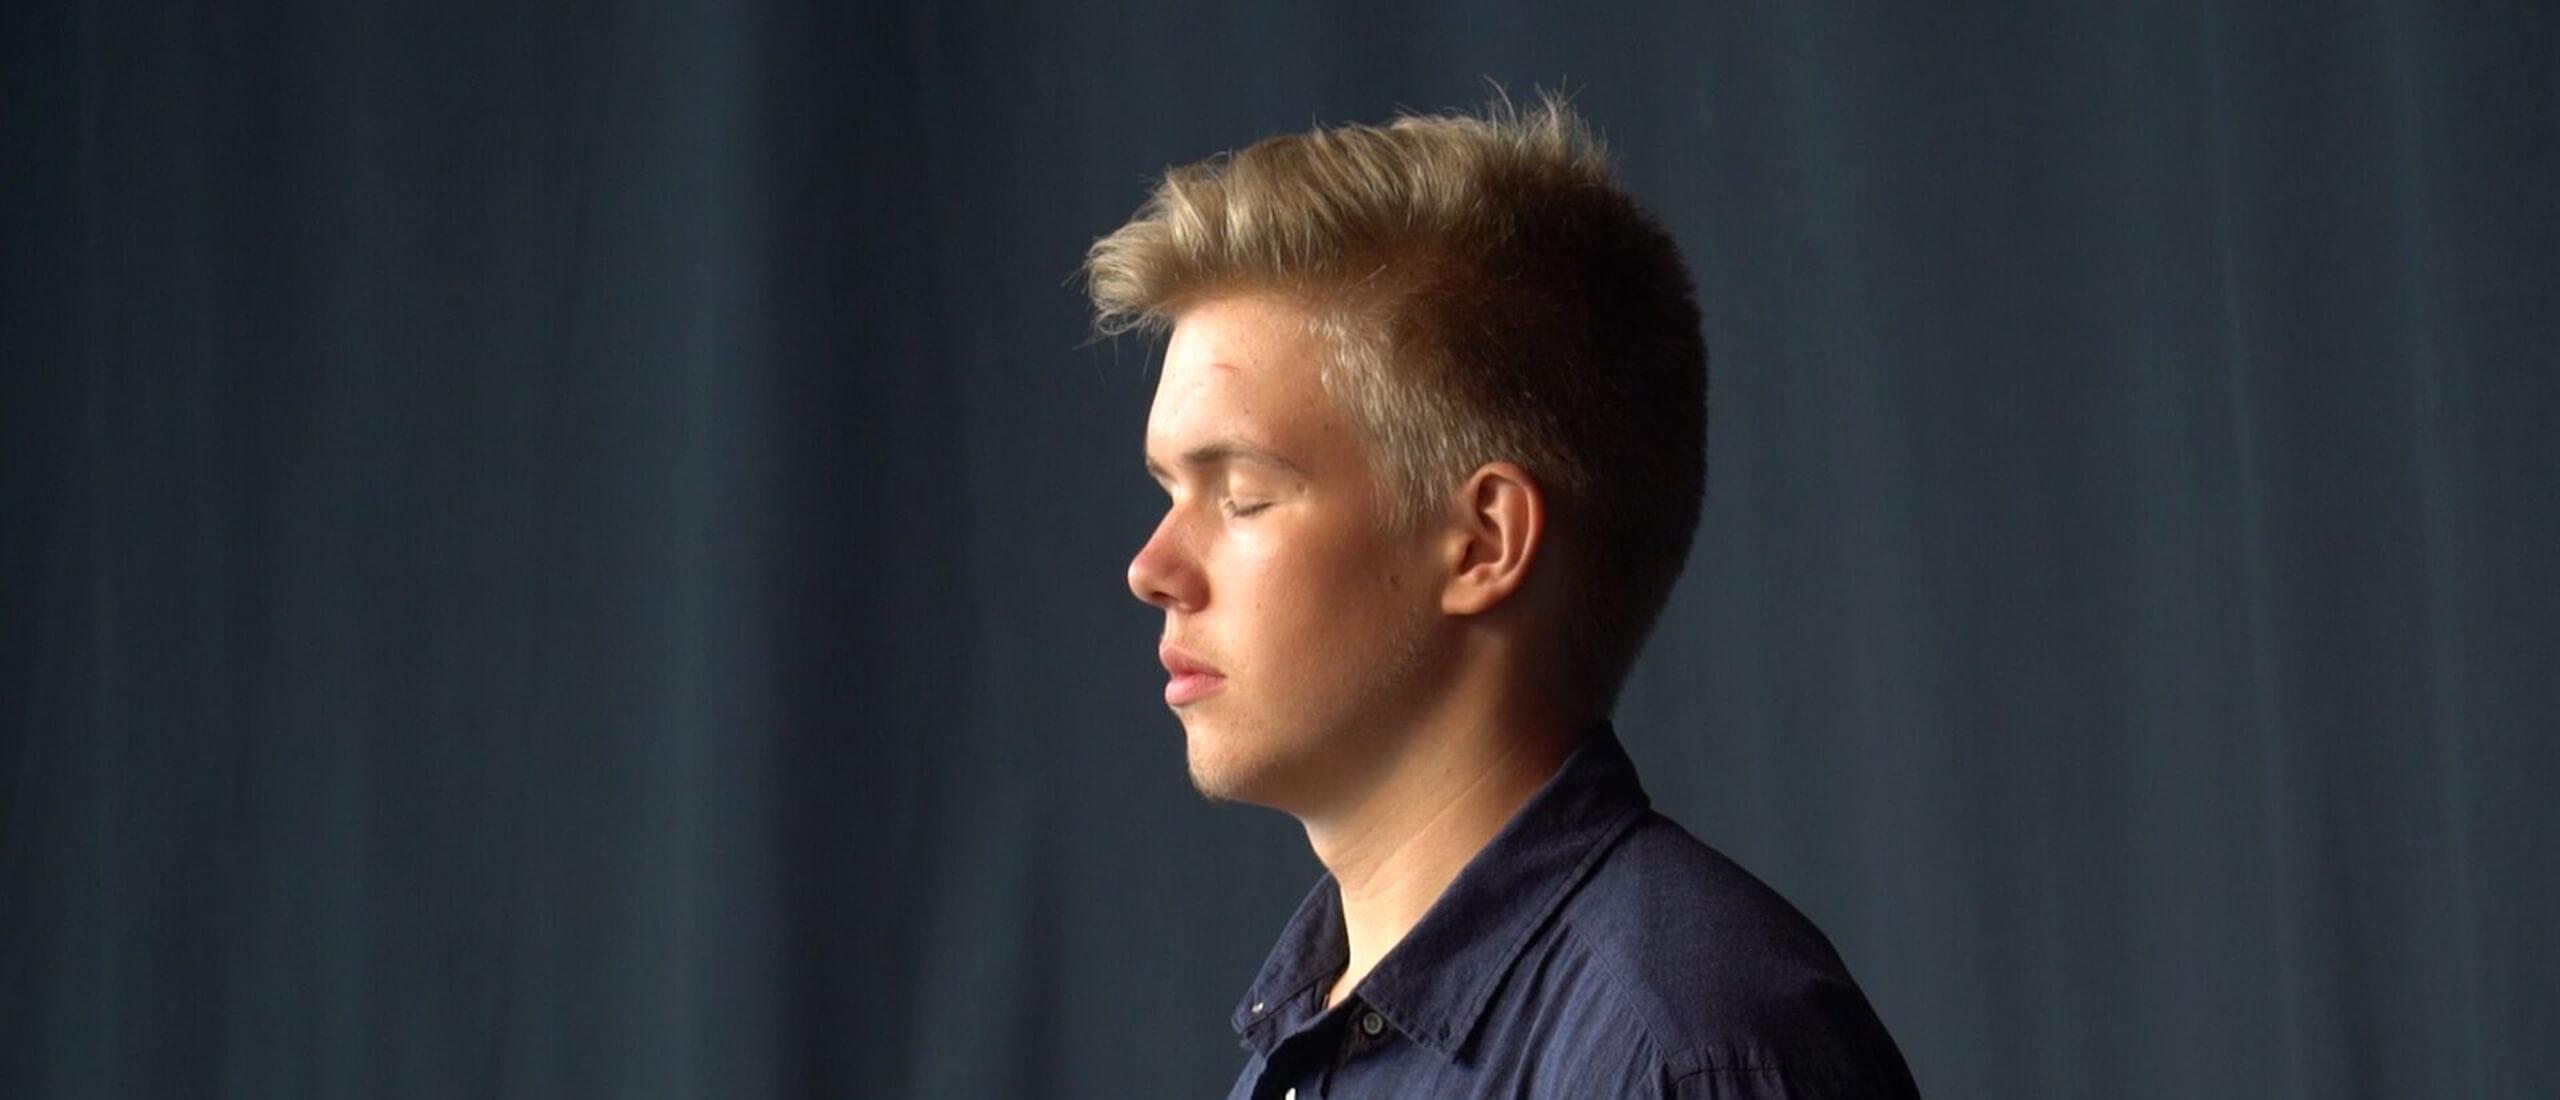 Nordens institut på Åland presenterar Young Nordic Stars på Grönland. Jack Sundström på bild.